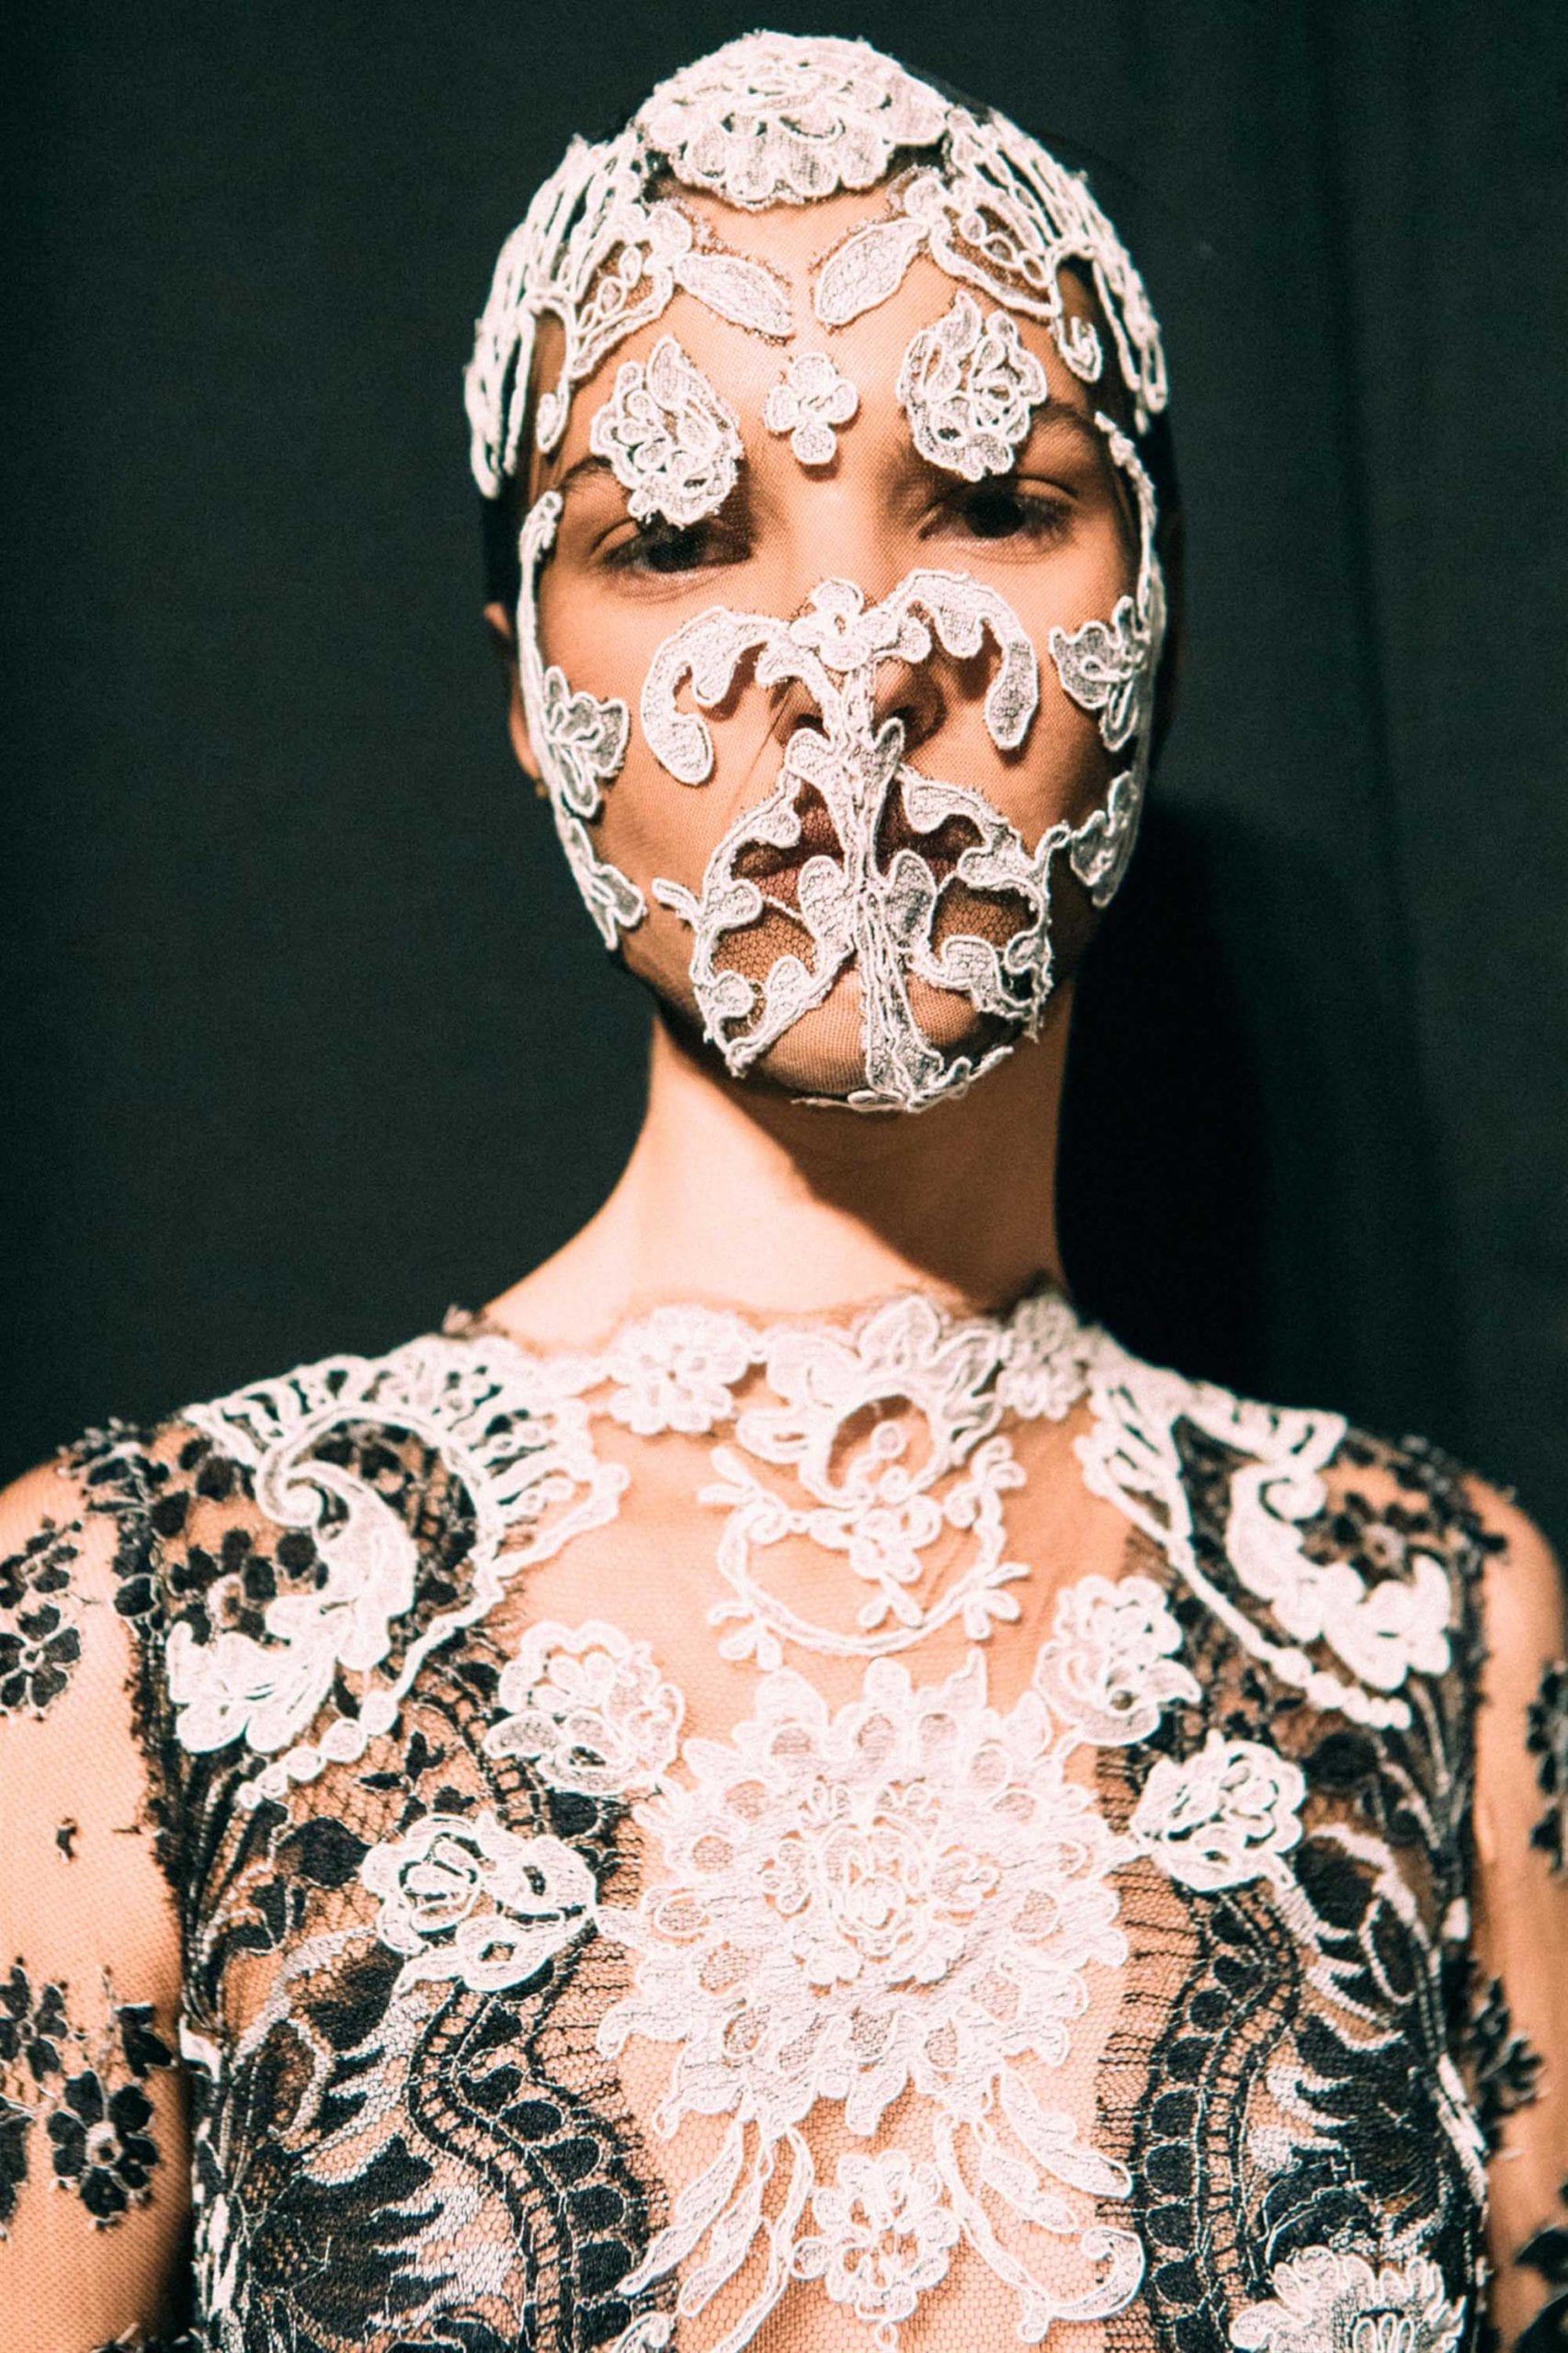 אלון ליבנה. שבוע האופנה תל אביב 2019. צילום: עדי סגל, חדשות האופנה